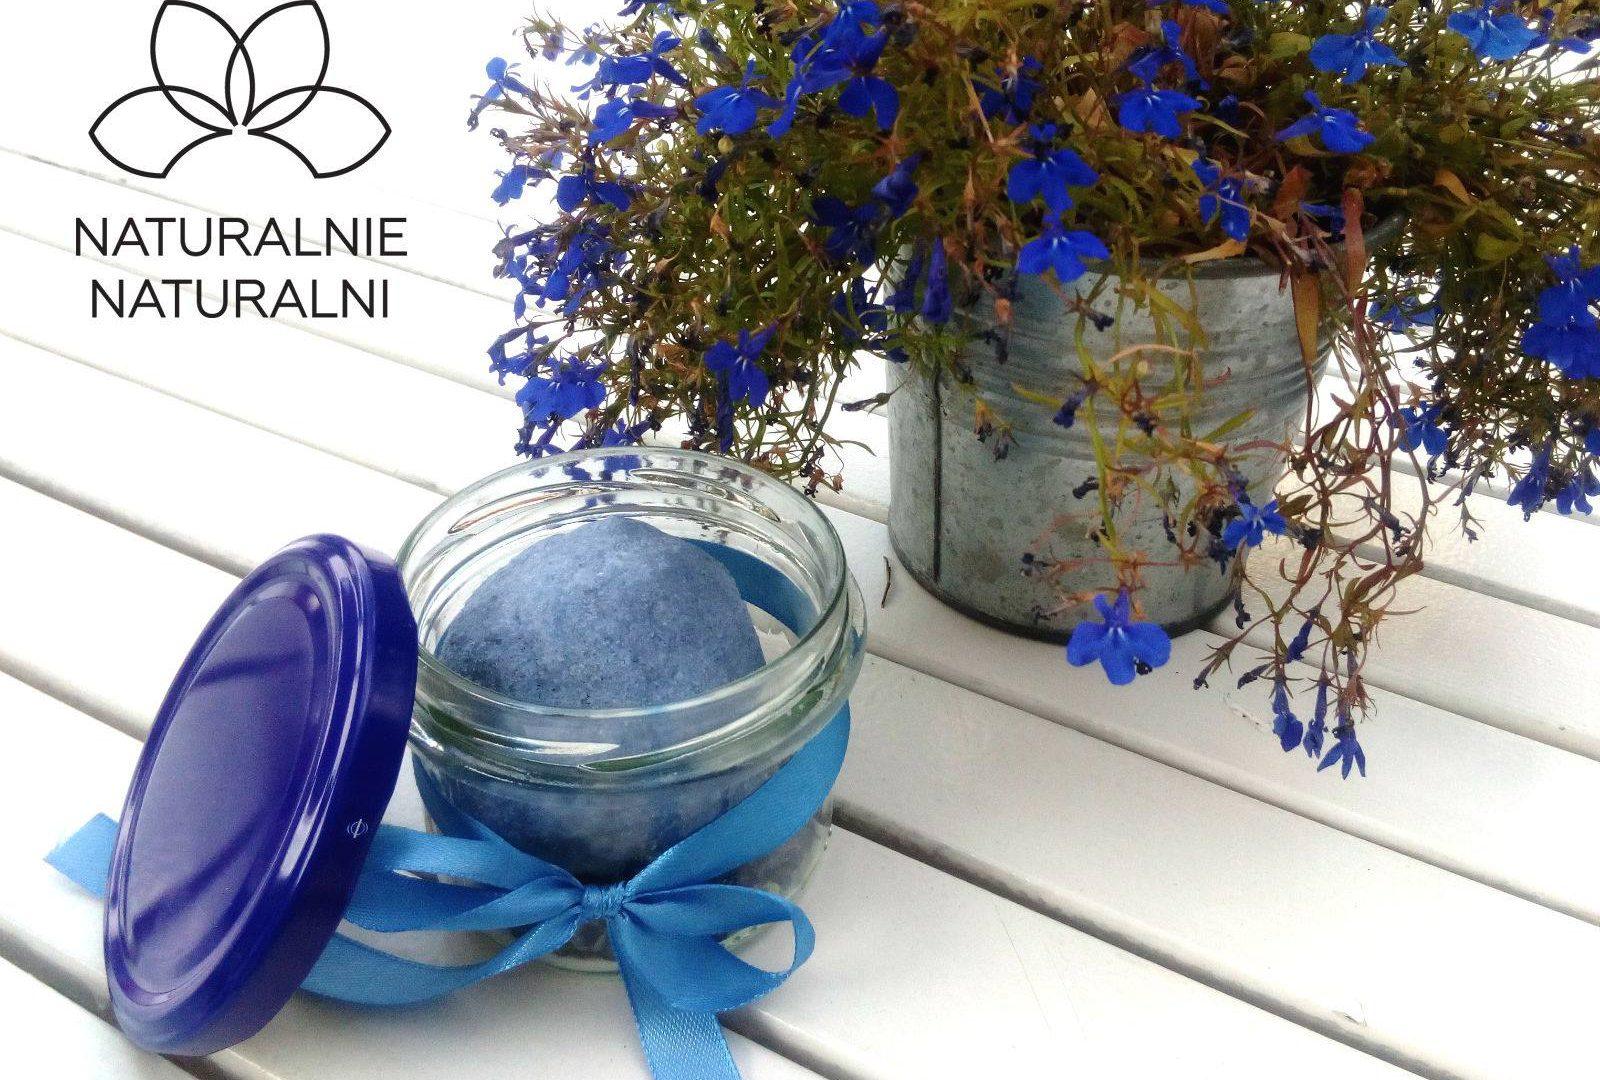 Warsztaty Tworzenia Naturalnych Kosmetyków - świąteczne prezenty!